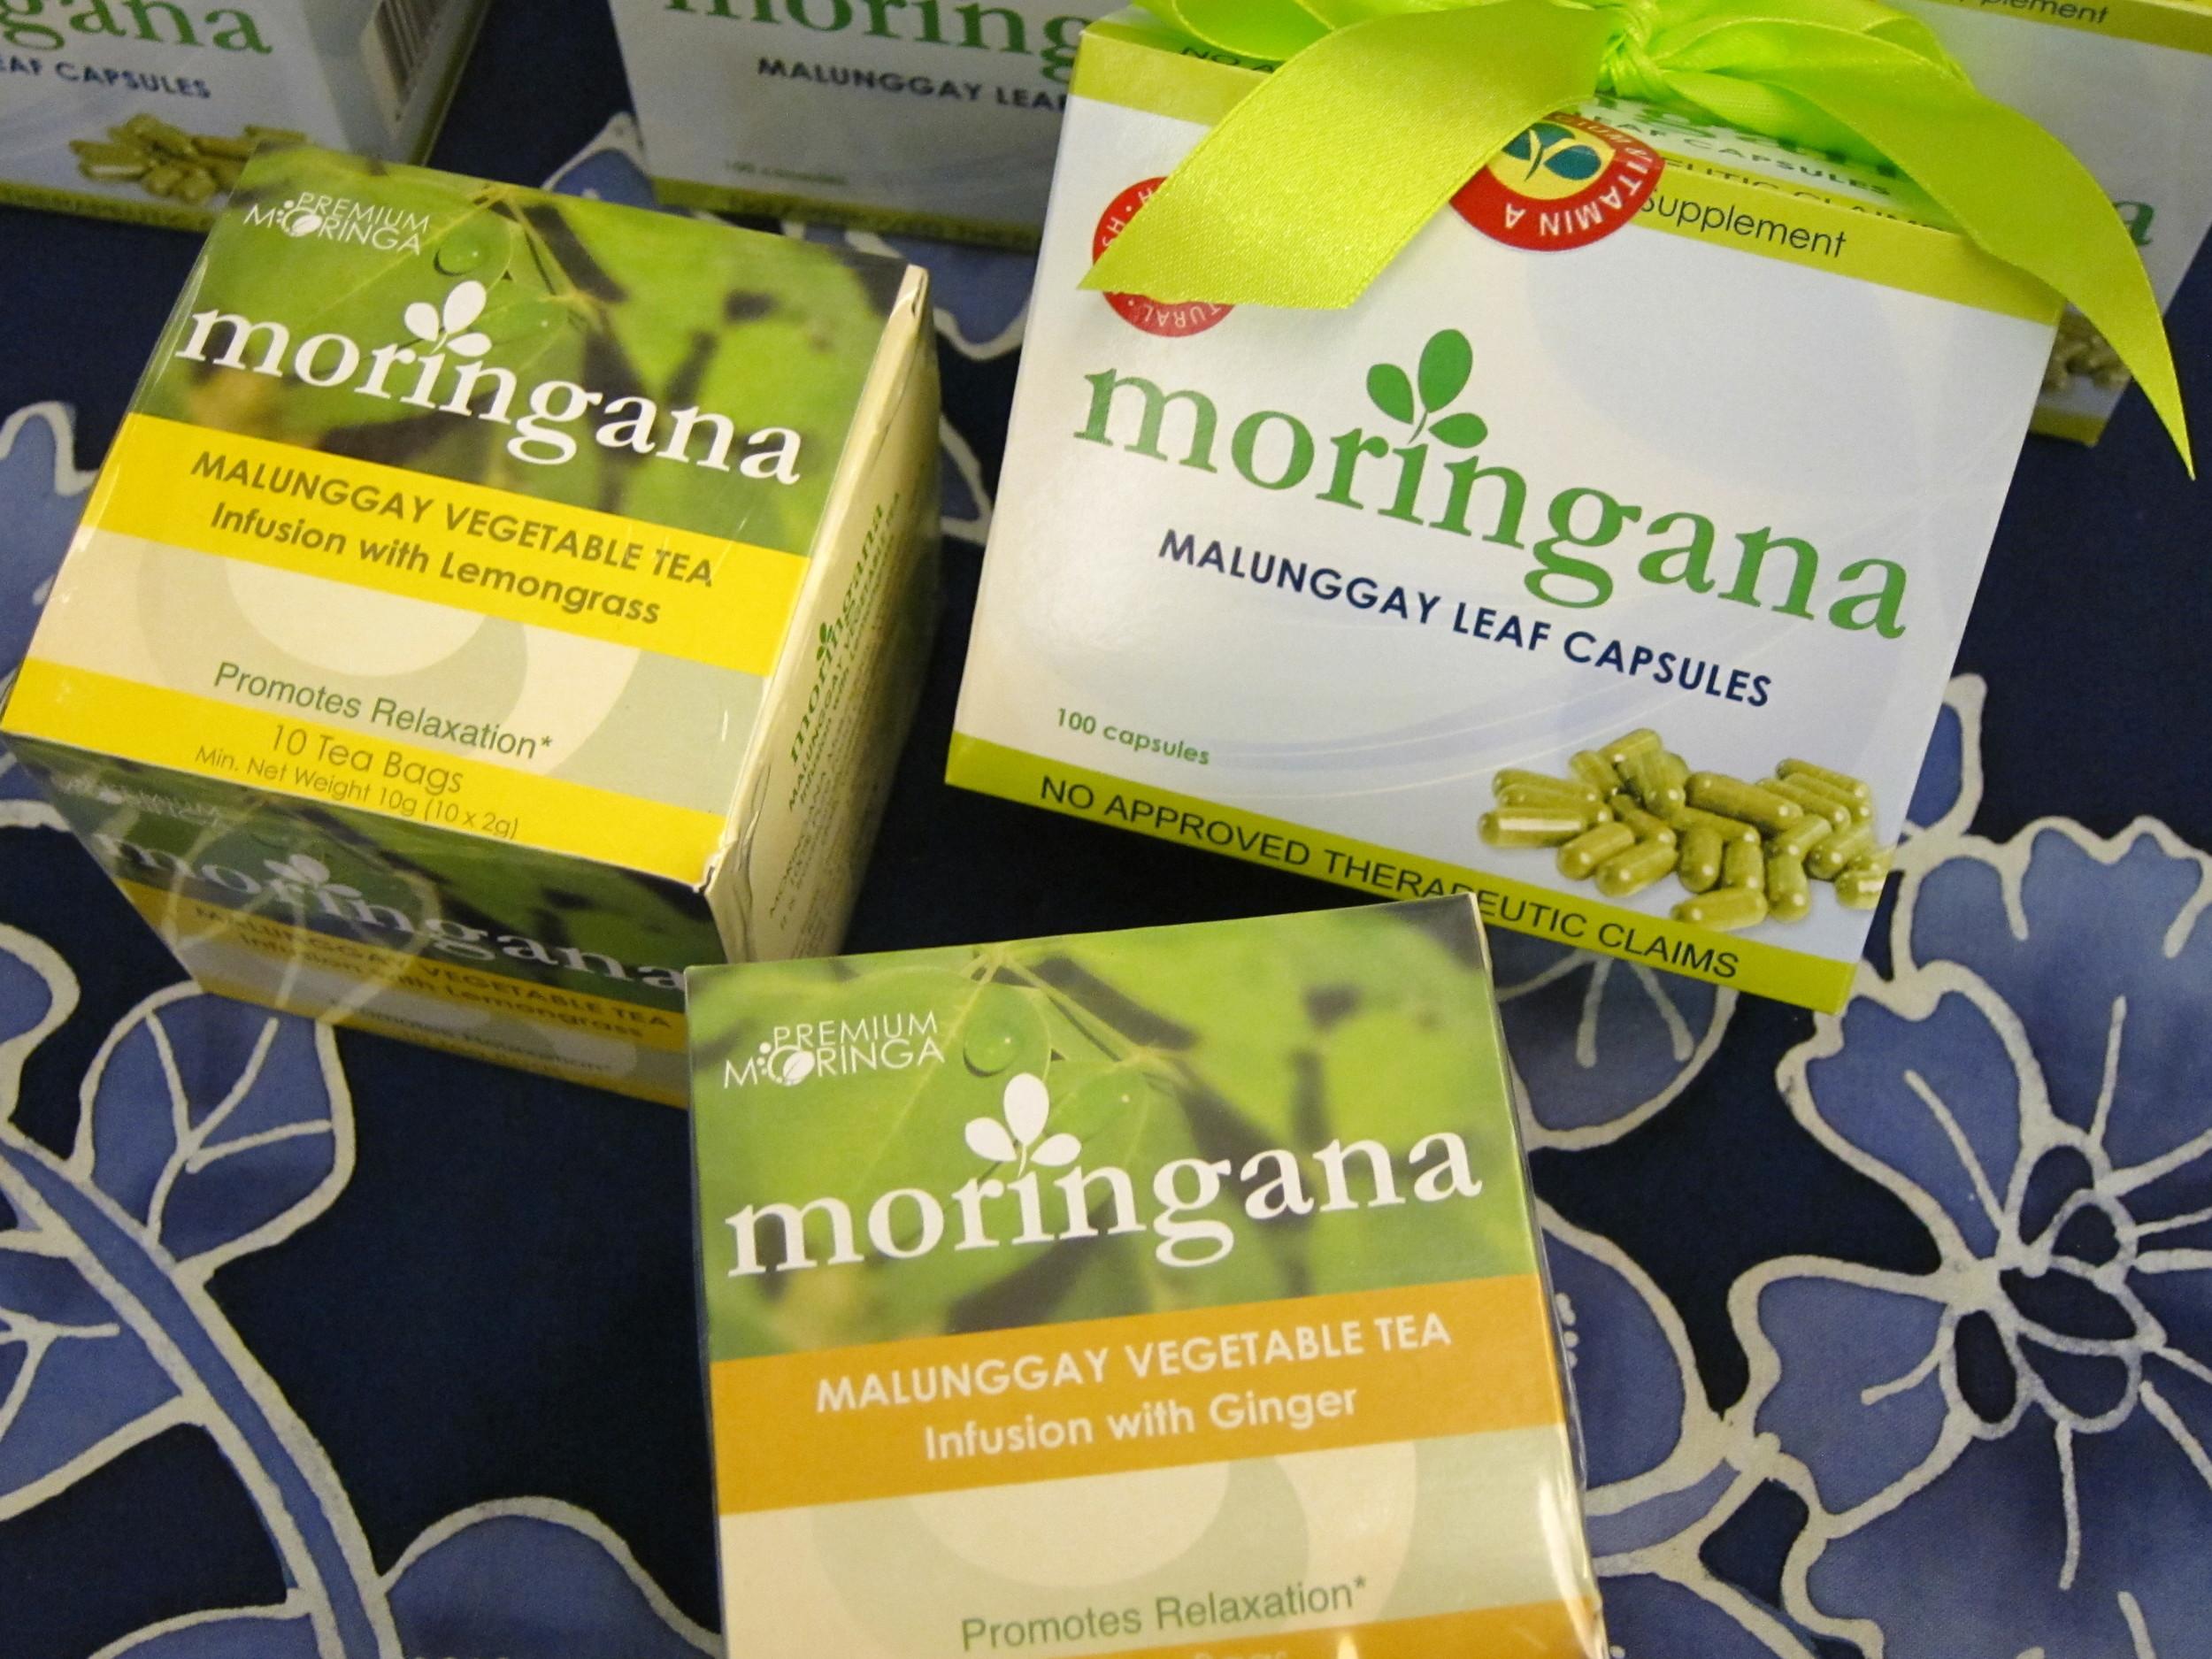 Moringana Tea & Capsules